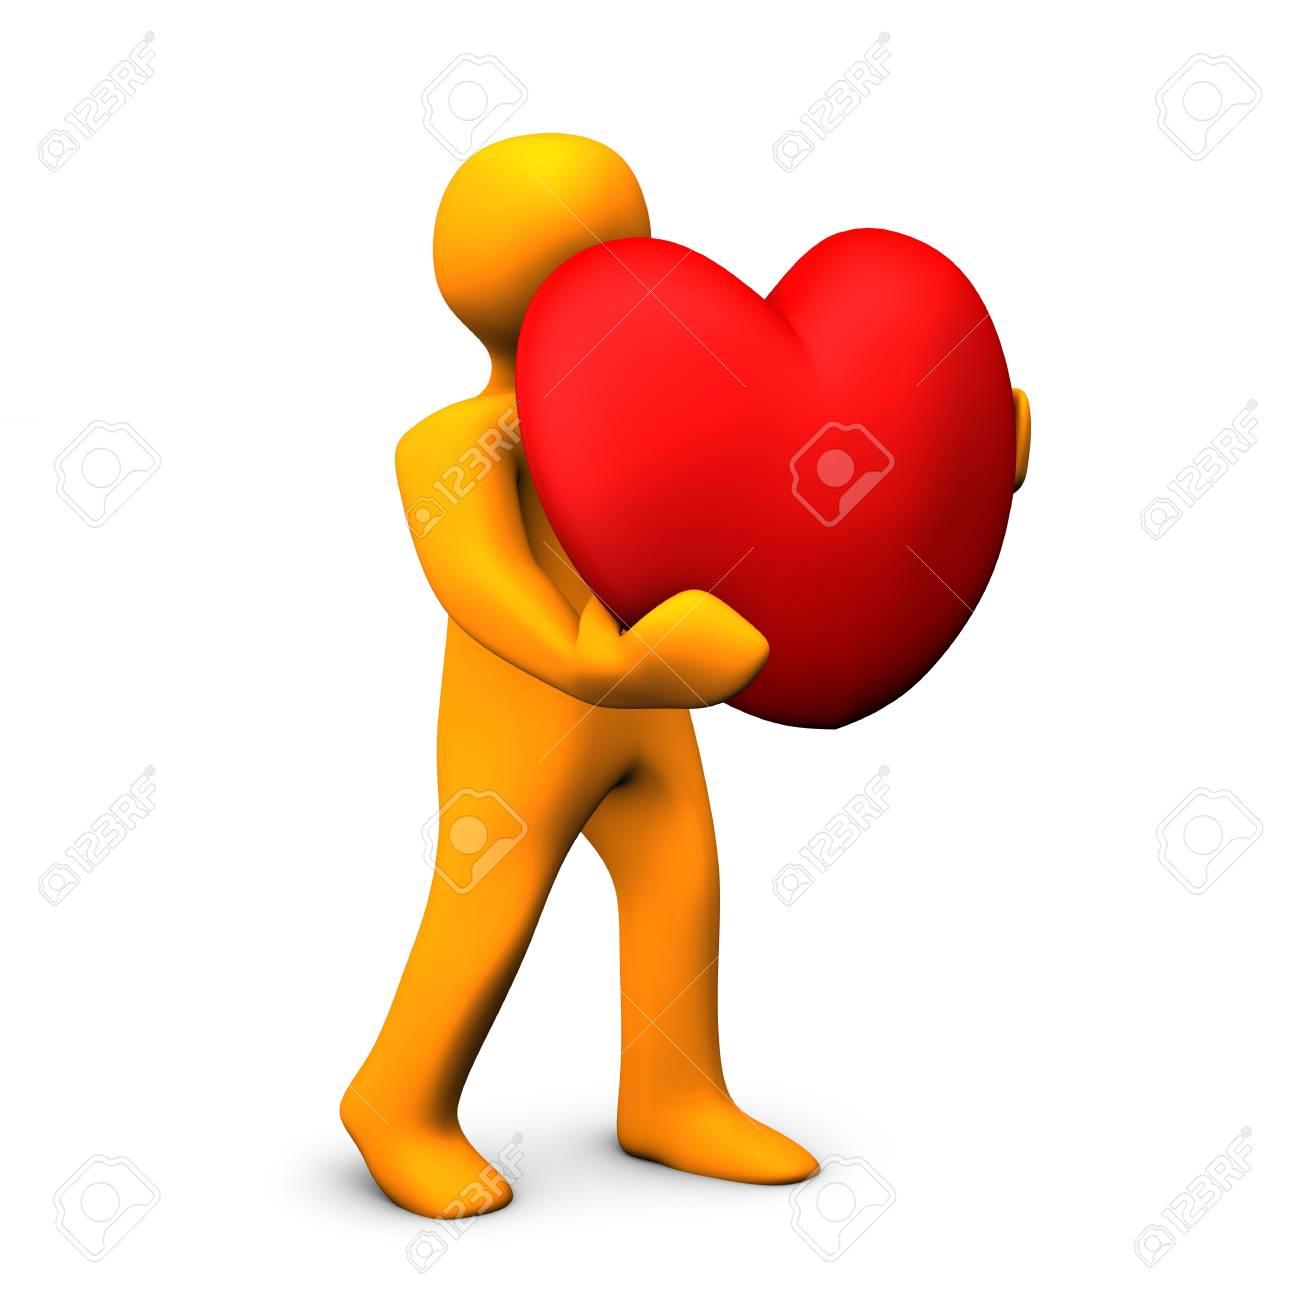 Personnage De Dessin Animé Orange Avec Coeur Rouge